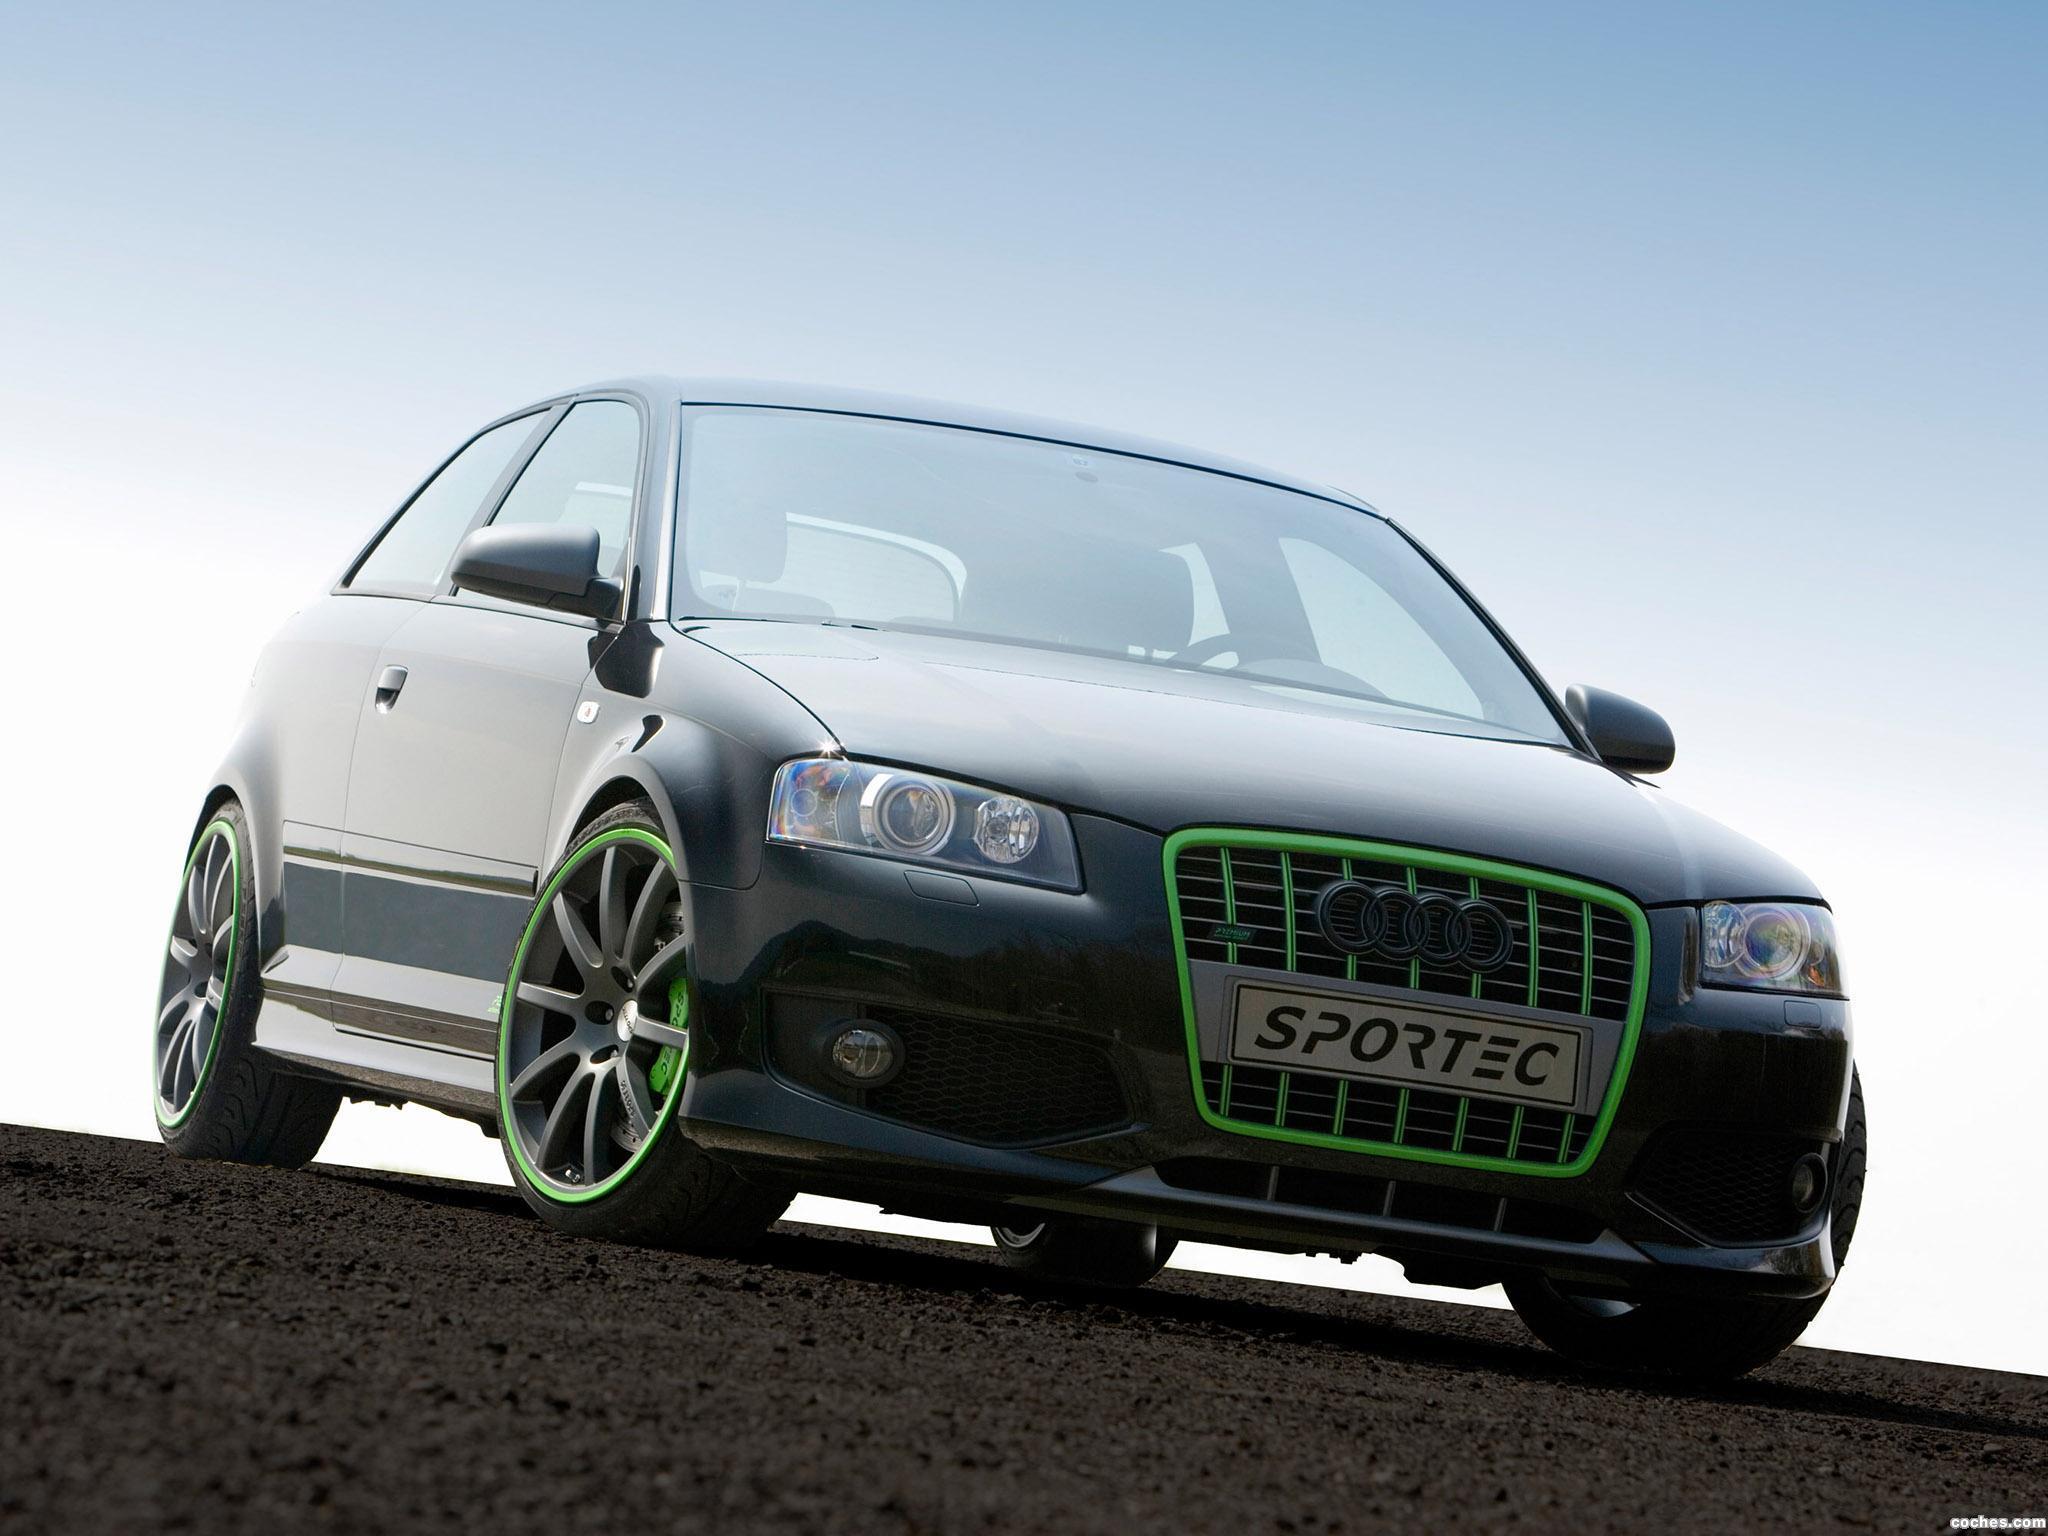 Foto 0 de Sportec Audi A3 RS 300 2.0 TFSI 2010